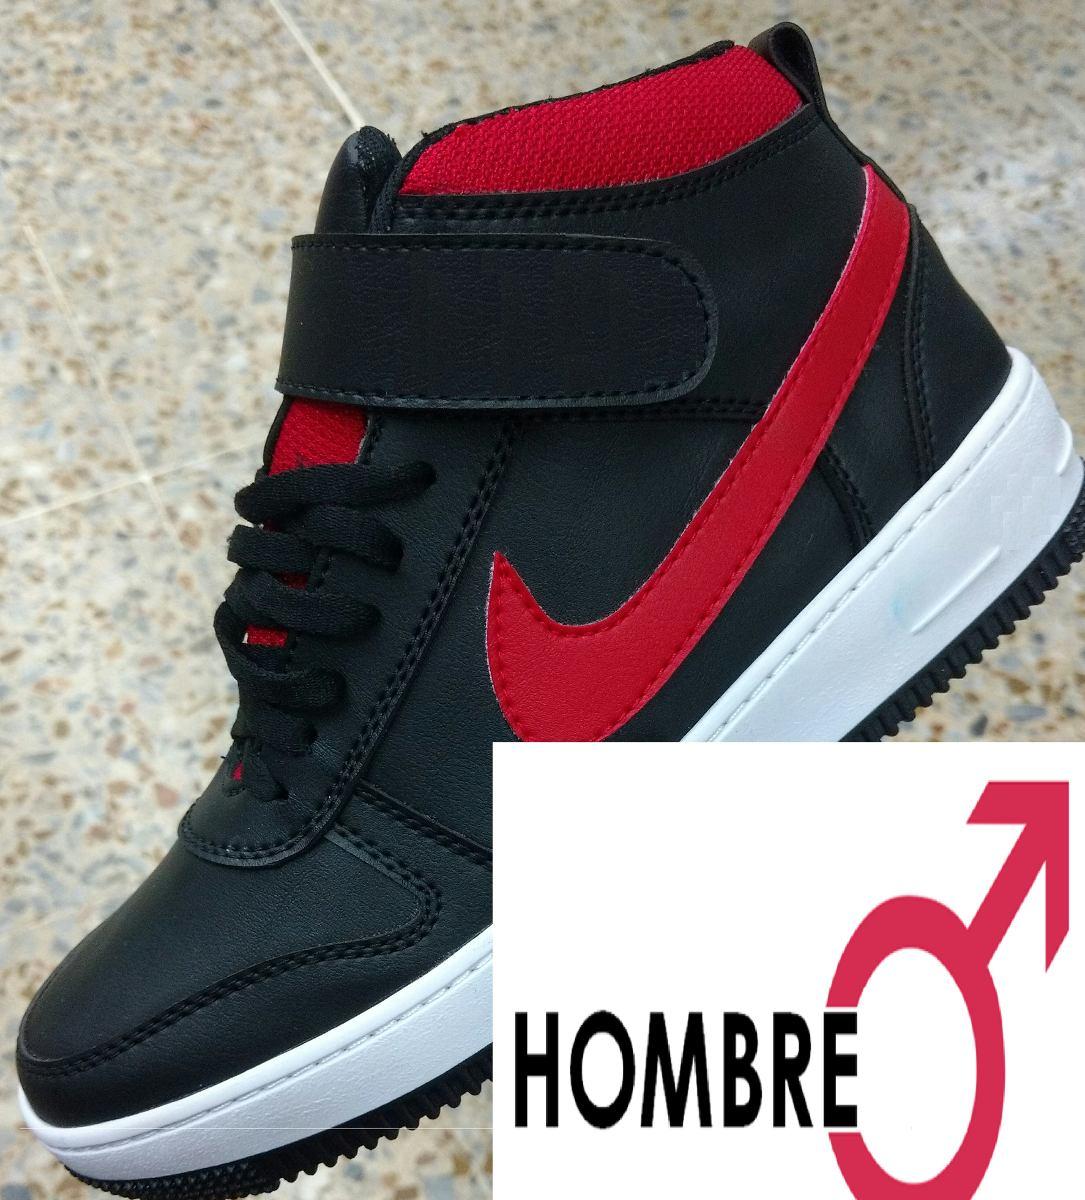 6ba76e12de ... hombre color negro zapatos moda envio gratis. Cargando zoom.